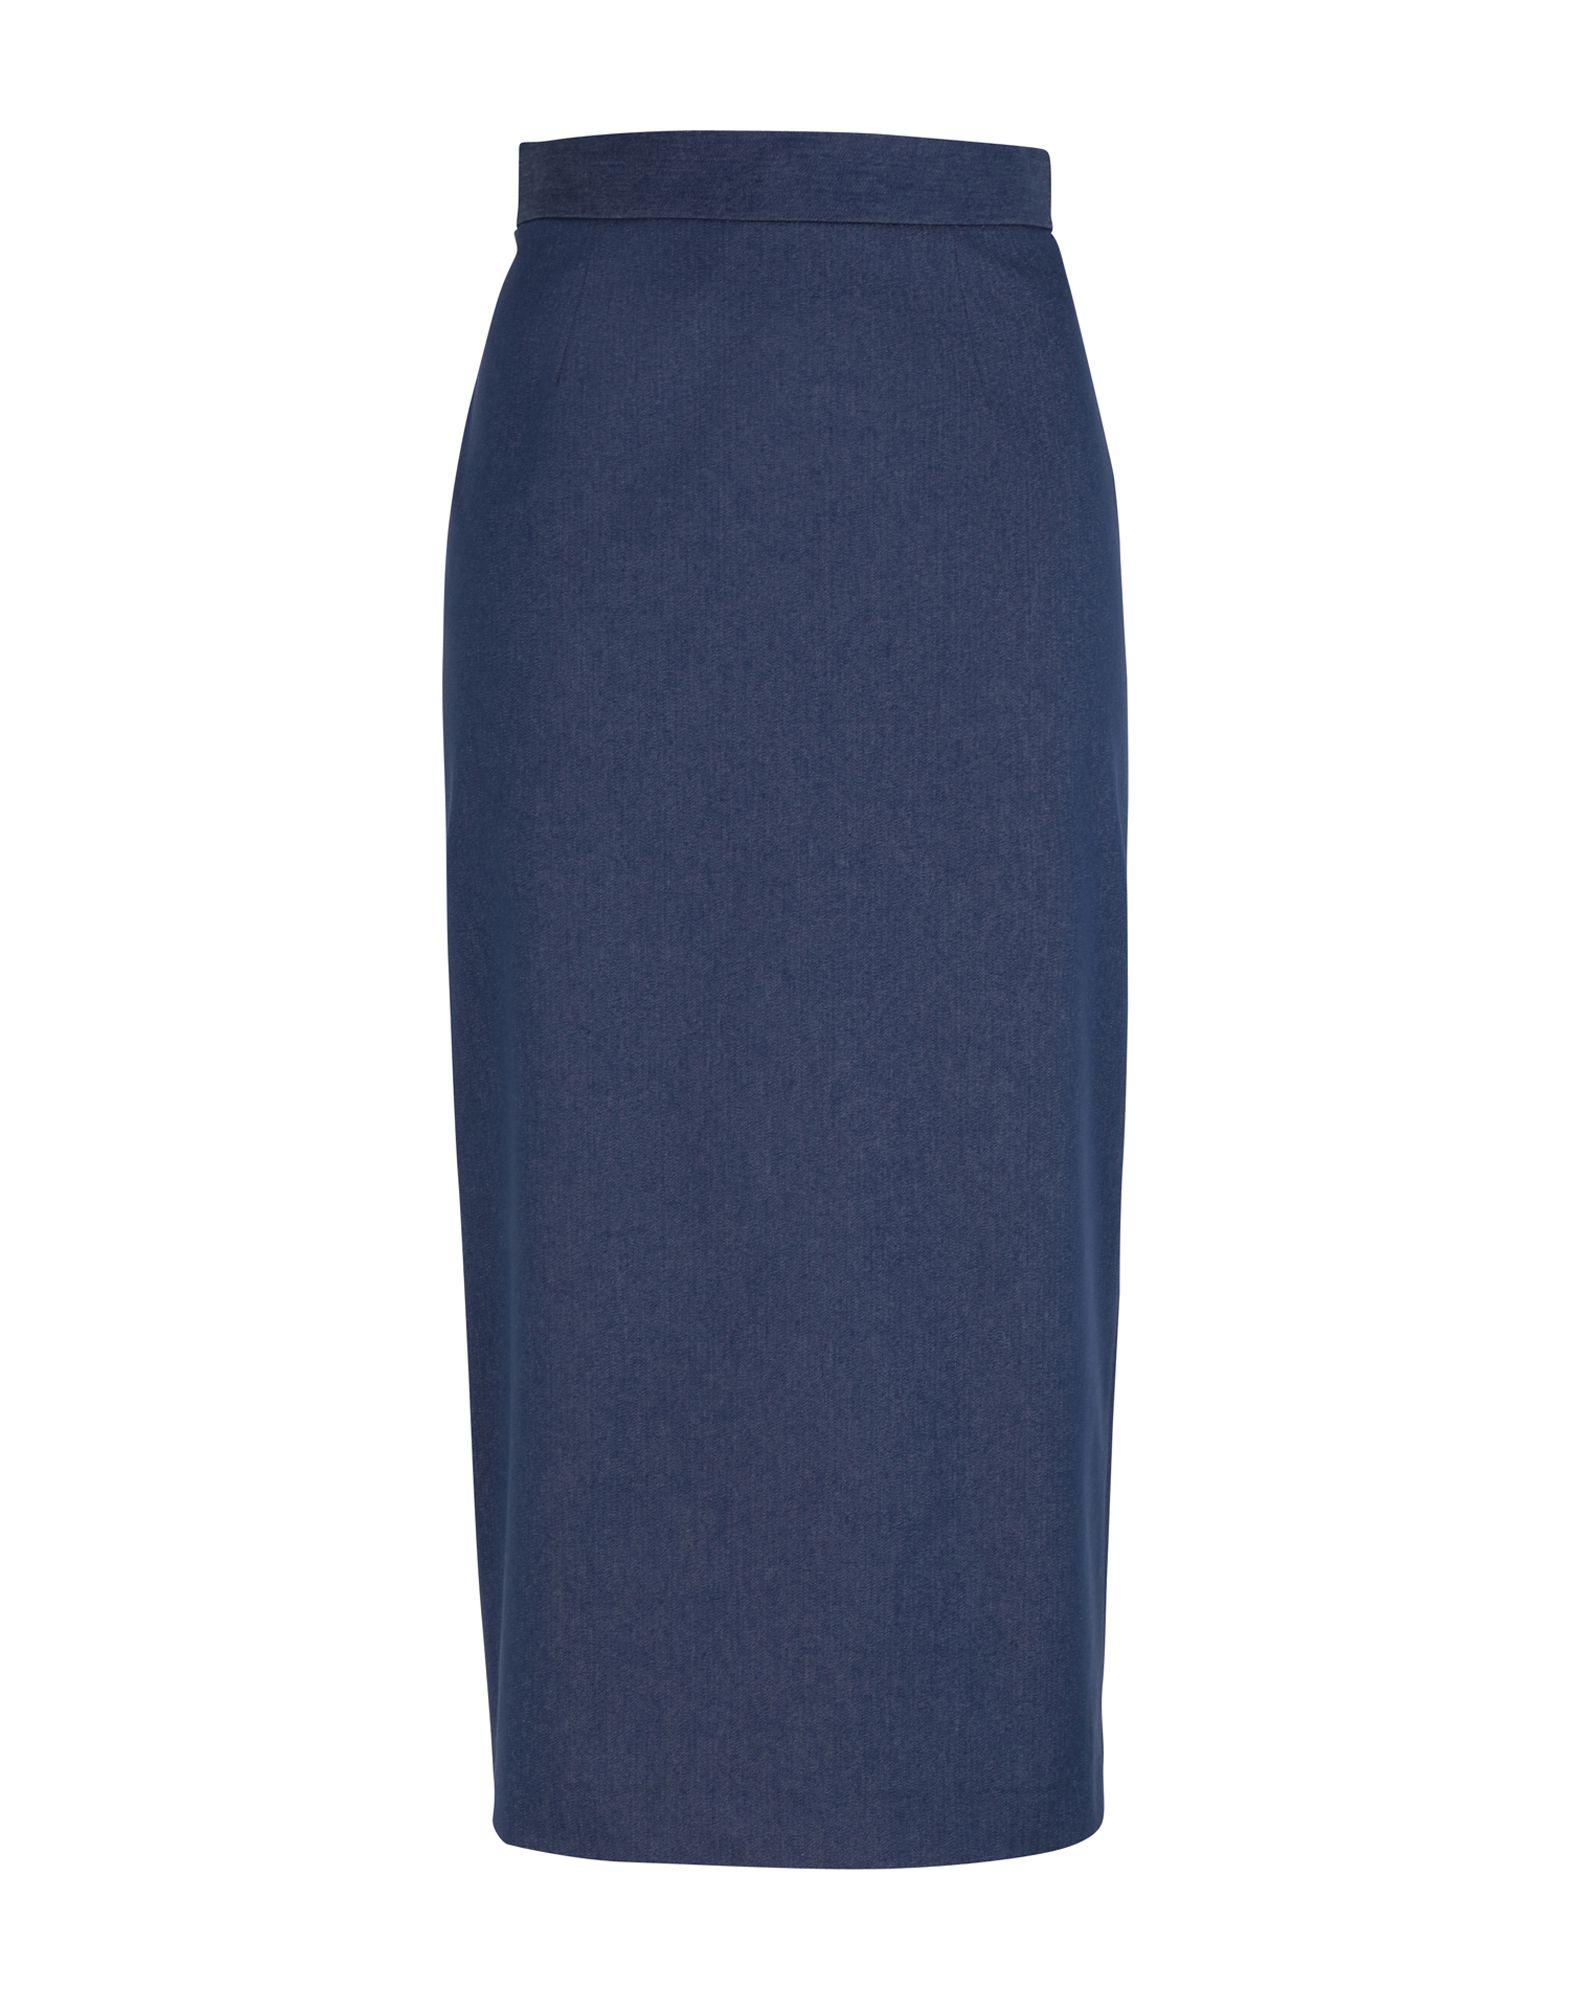 《期間限定セール開催中!》MARIANNA CIMINI レディース デニムスカート ブルー 38 コットン 77% / ポリエステル 20% / ポリウレタン 3%